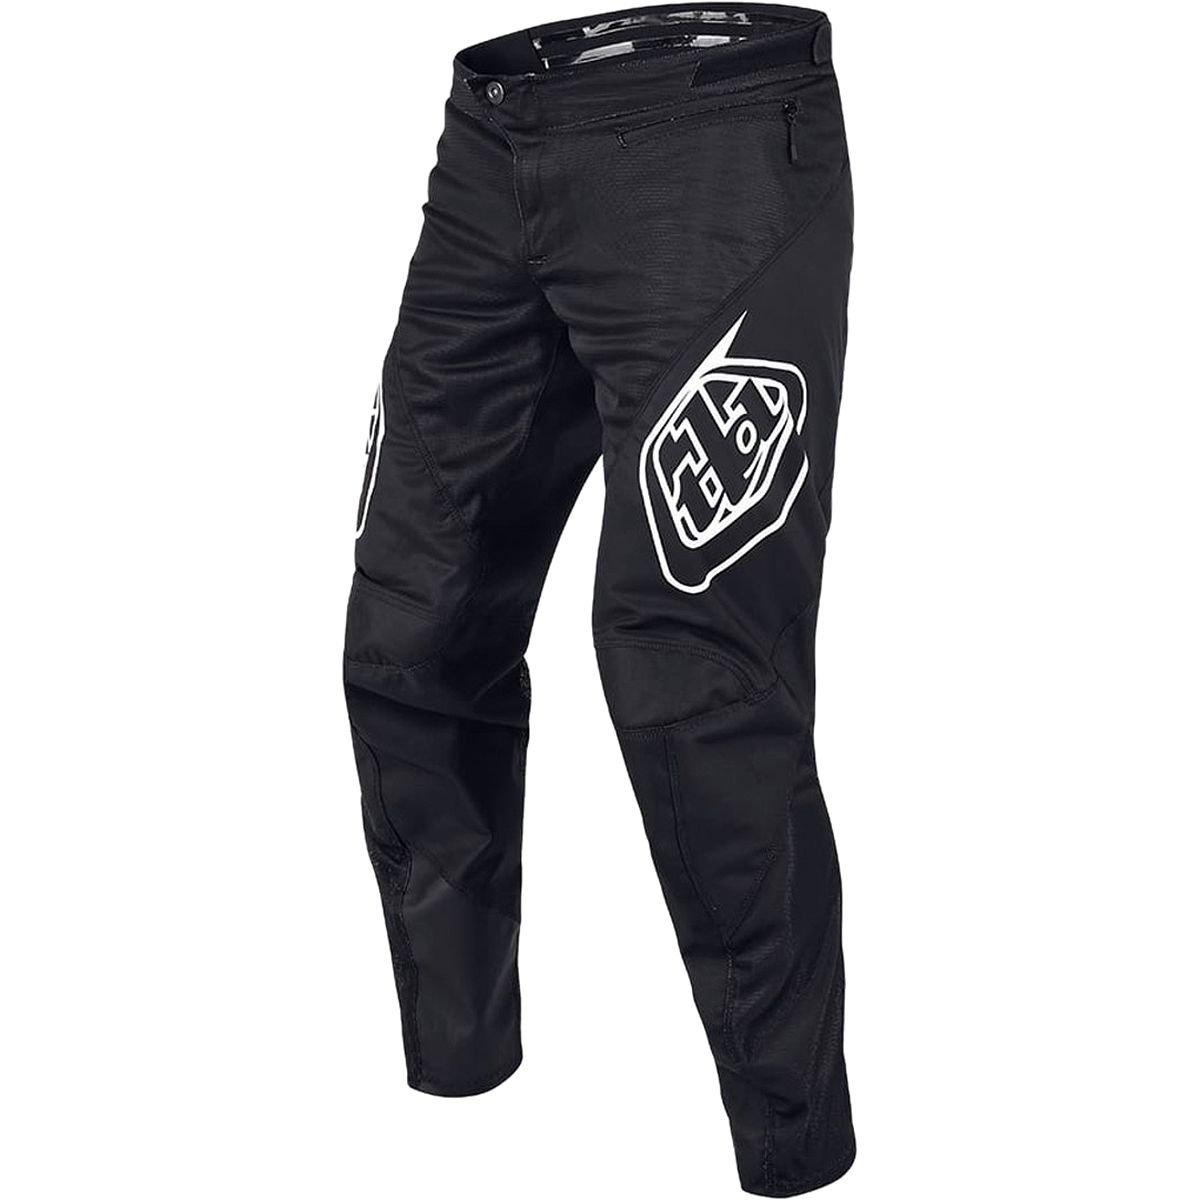 Troy Lee Designs Sprint Mens Bicycle Pants Black 32 USA